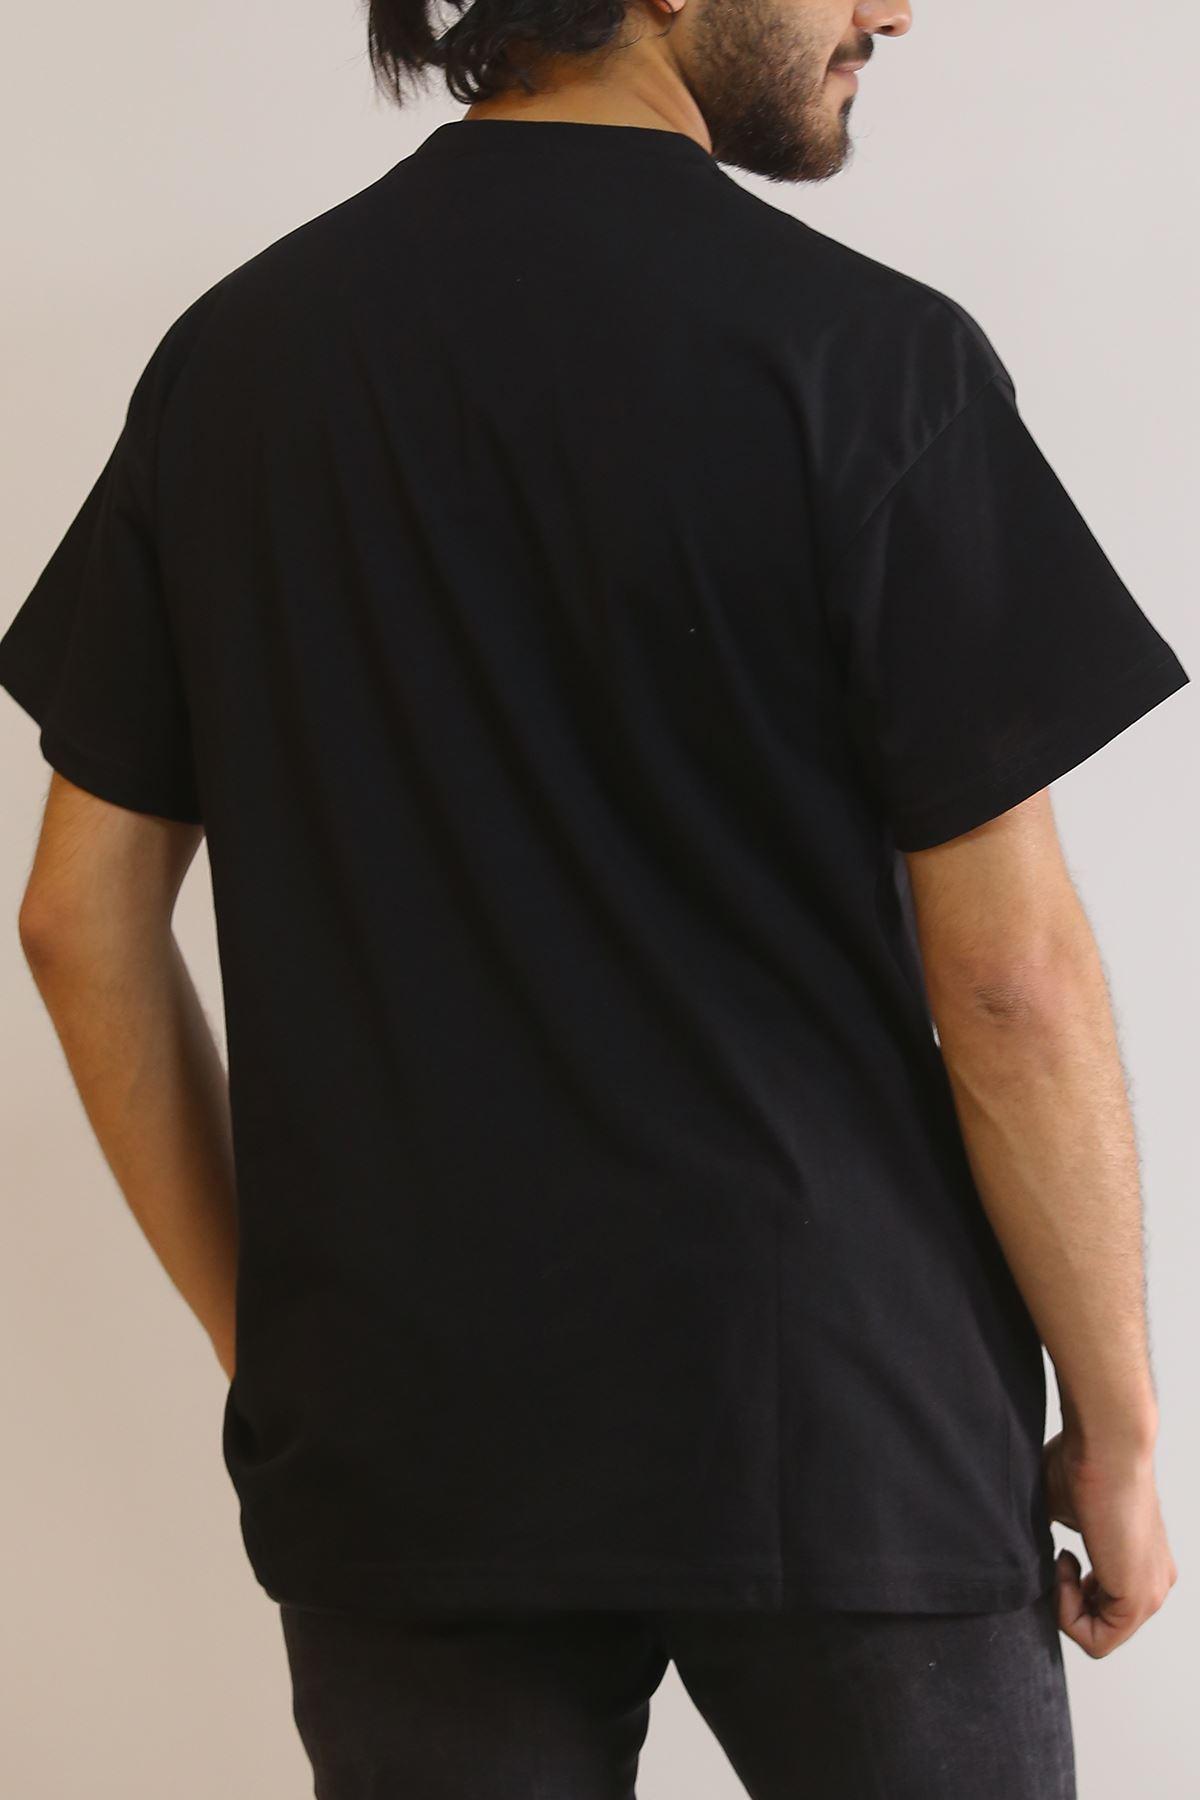 Nakış Baskılı Tişört Siyah - 5843.1377.